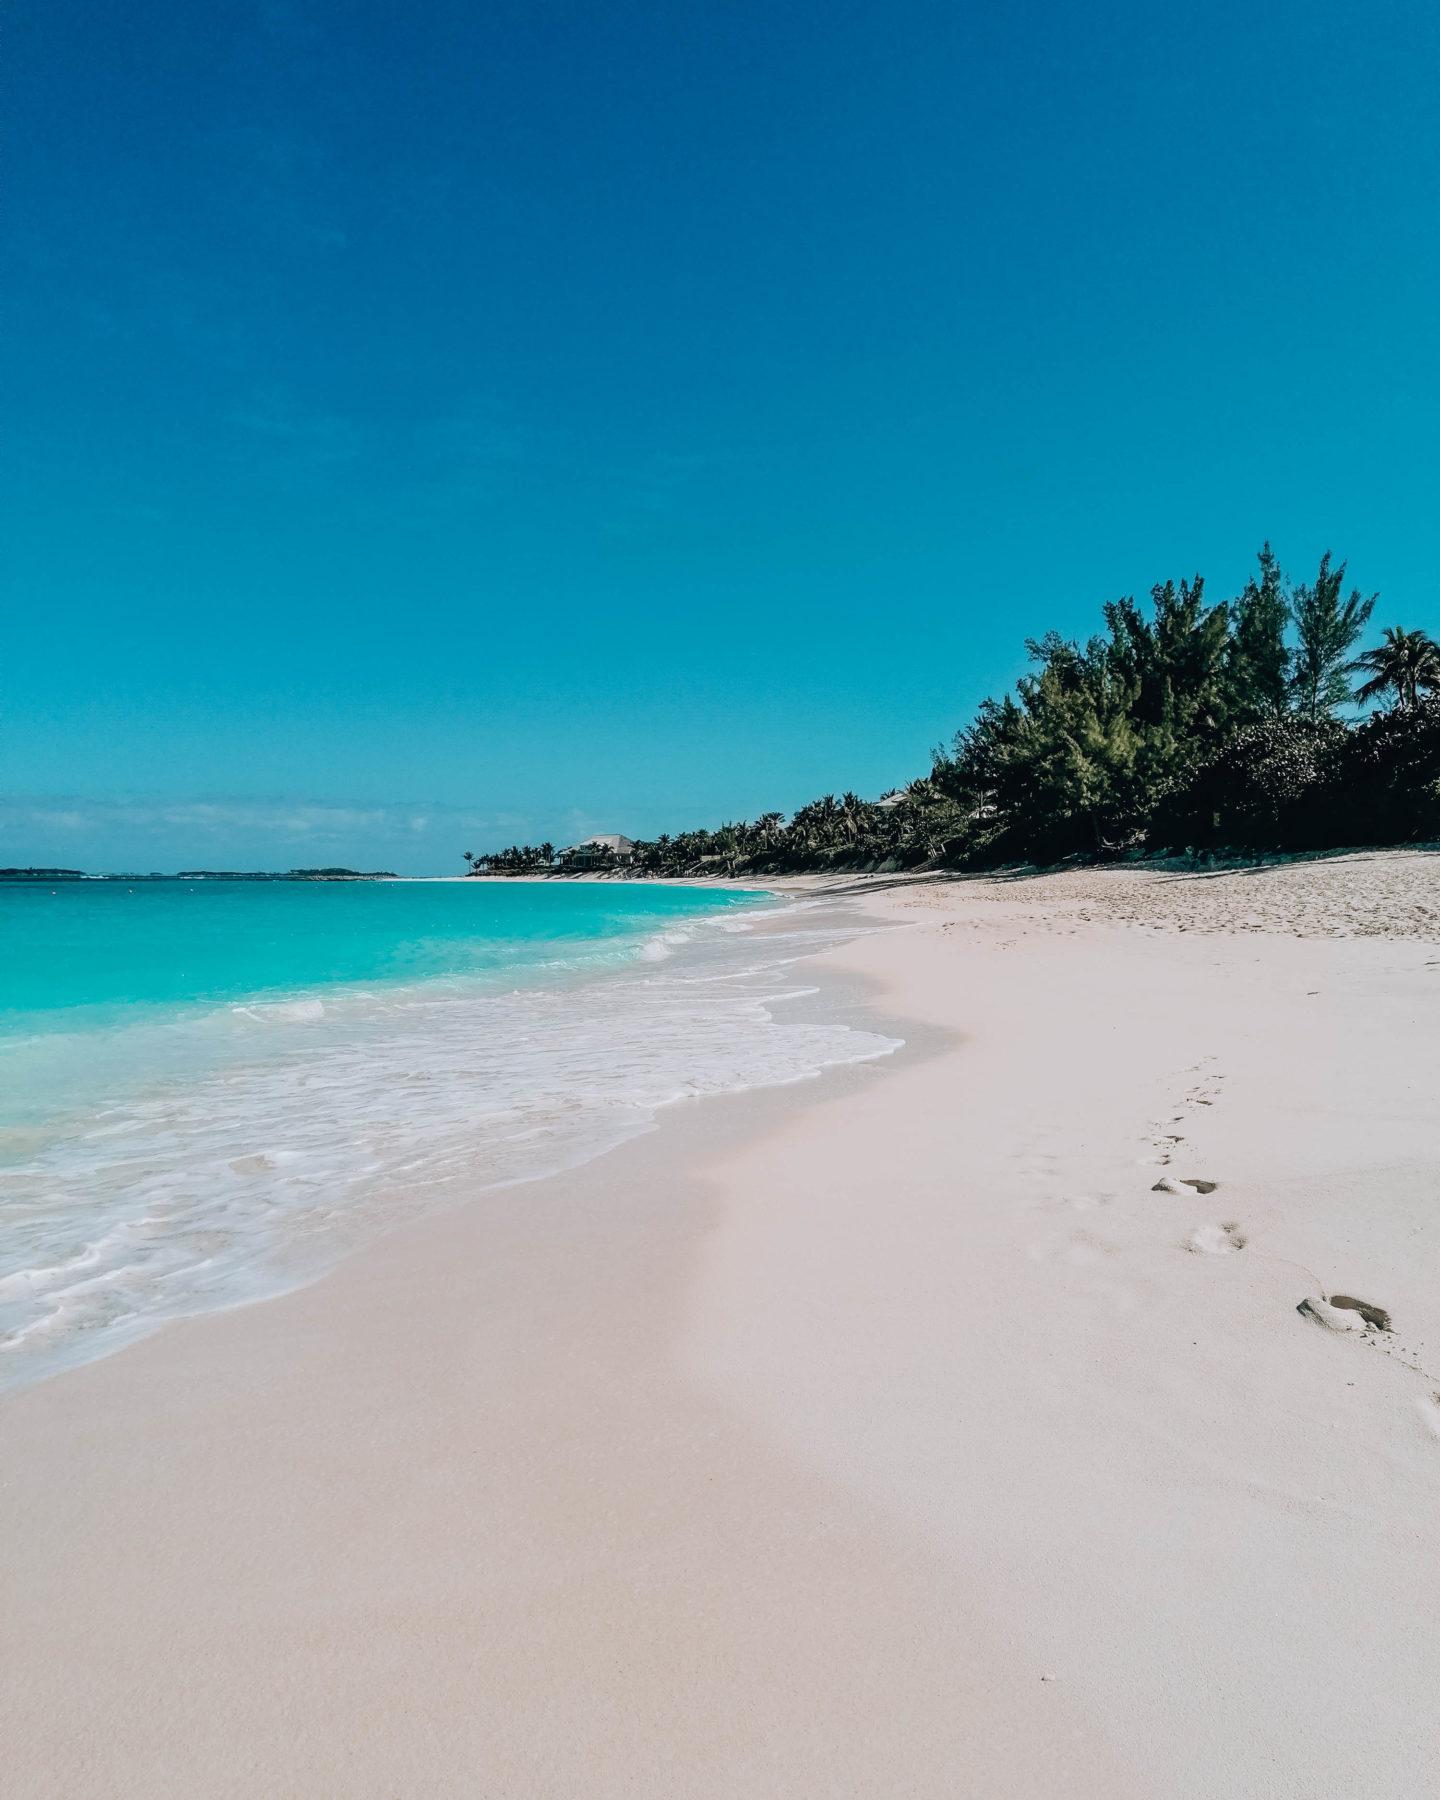 spiaggia deserta e mare cristallino